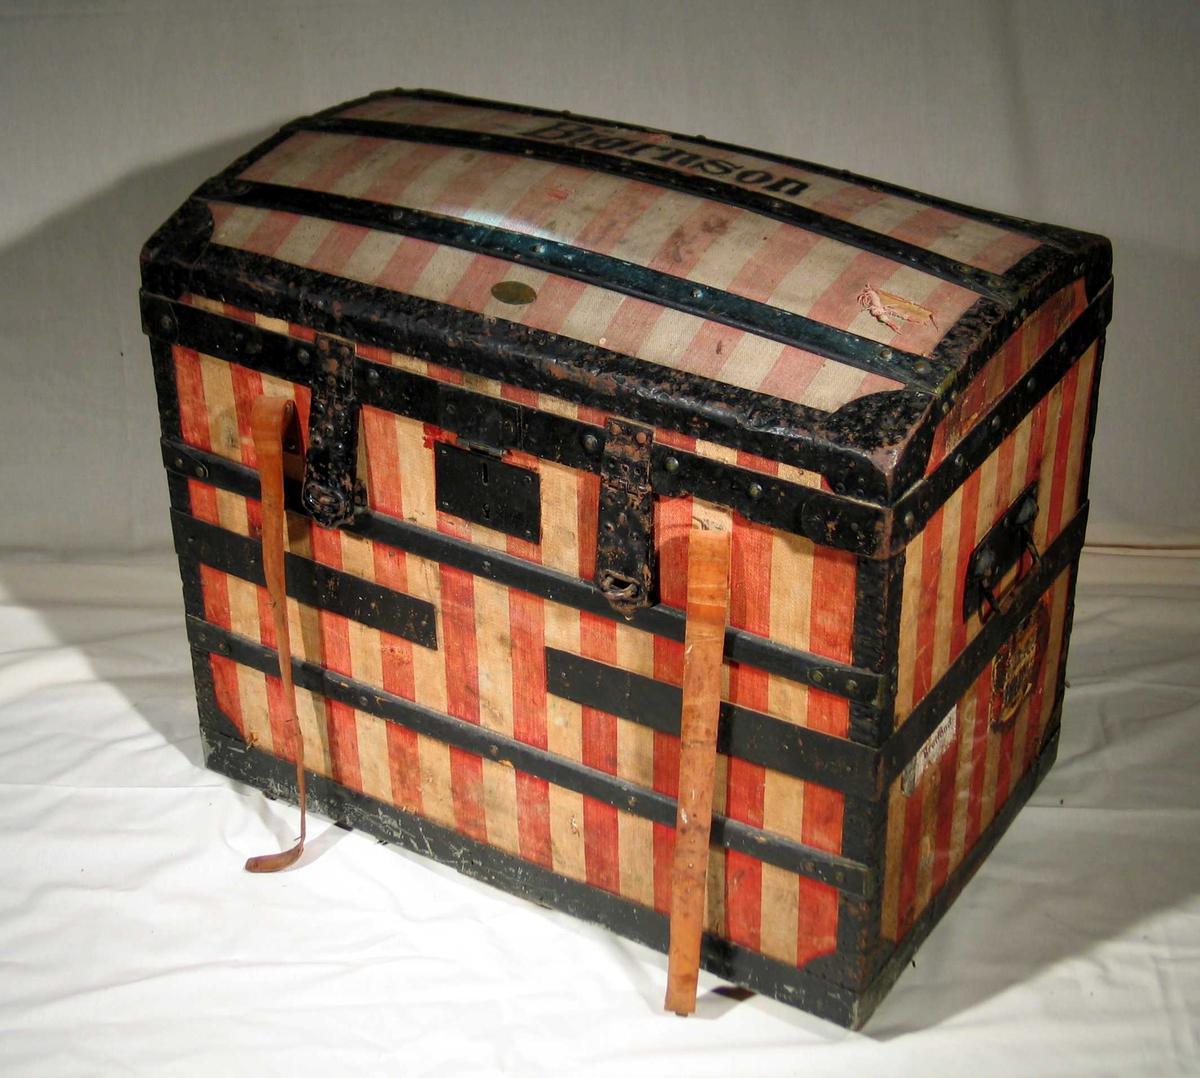 Høy kiste i tre trukket med rødt og hvitt kraftig stoff. Den har svartmalte jernbeslag og buet lokk. Innvendig er det tilpasset to kasser i tre med håndtak. Kisten er trukket med stripet papir. Skinnremmer og stort firkantet låsbeslag i front. Kisten har vært låst med to hengelåser. Svartmalte jernhåndtak på kortsidene.